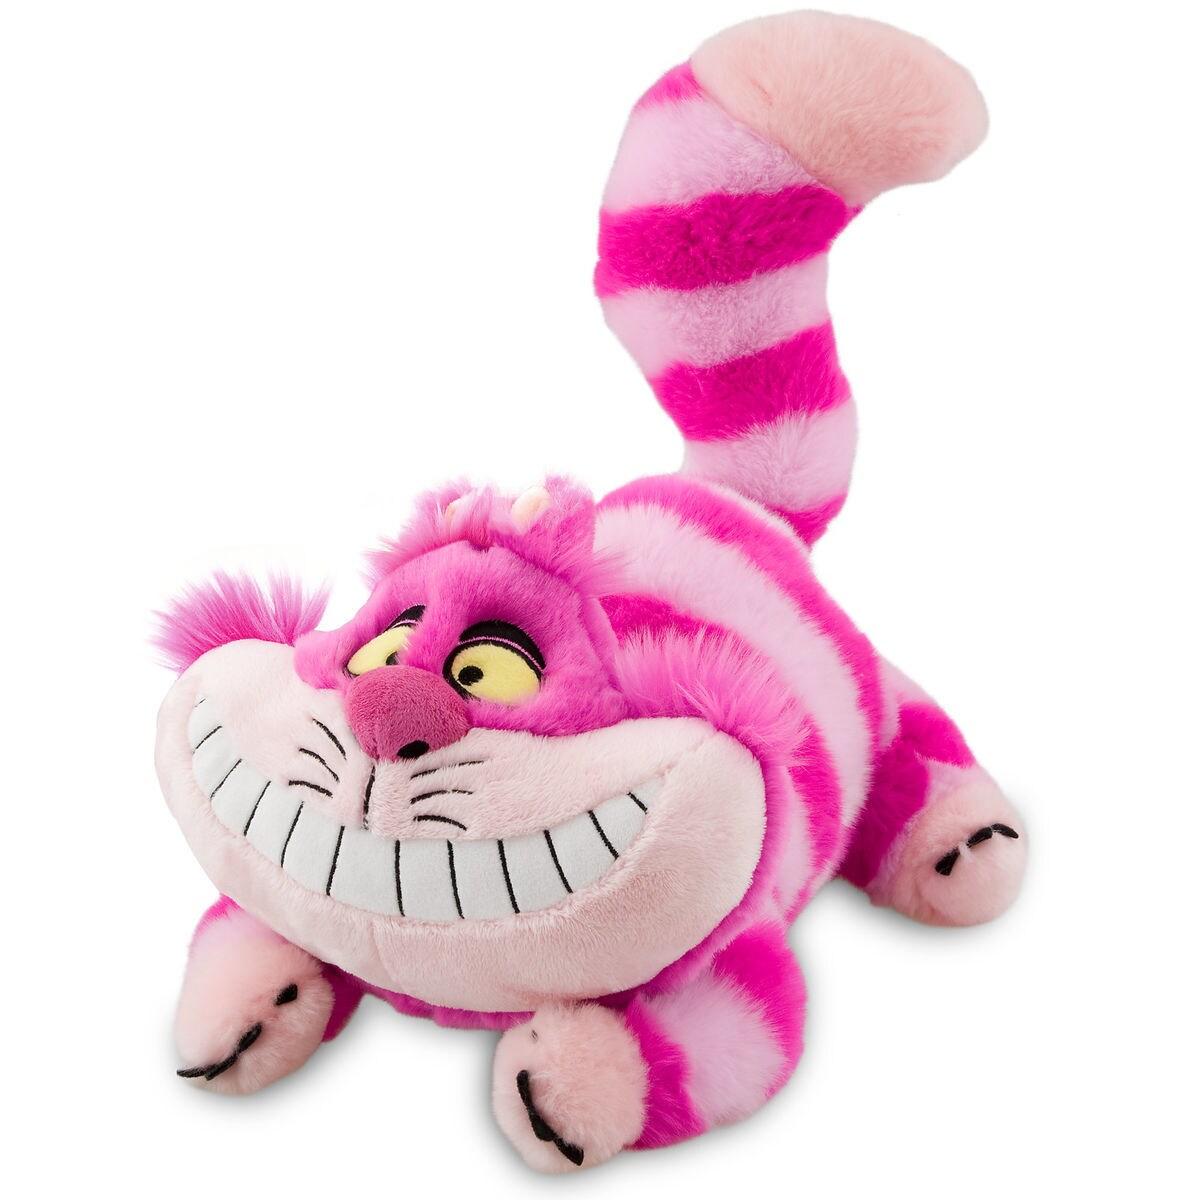 Cheshire Cat Plush Alice In Wonderland Medium 20 Shopdisney